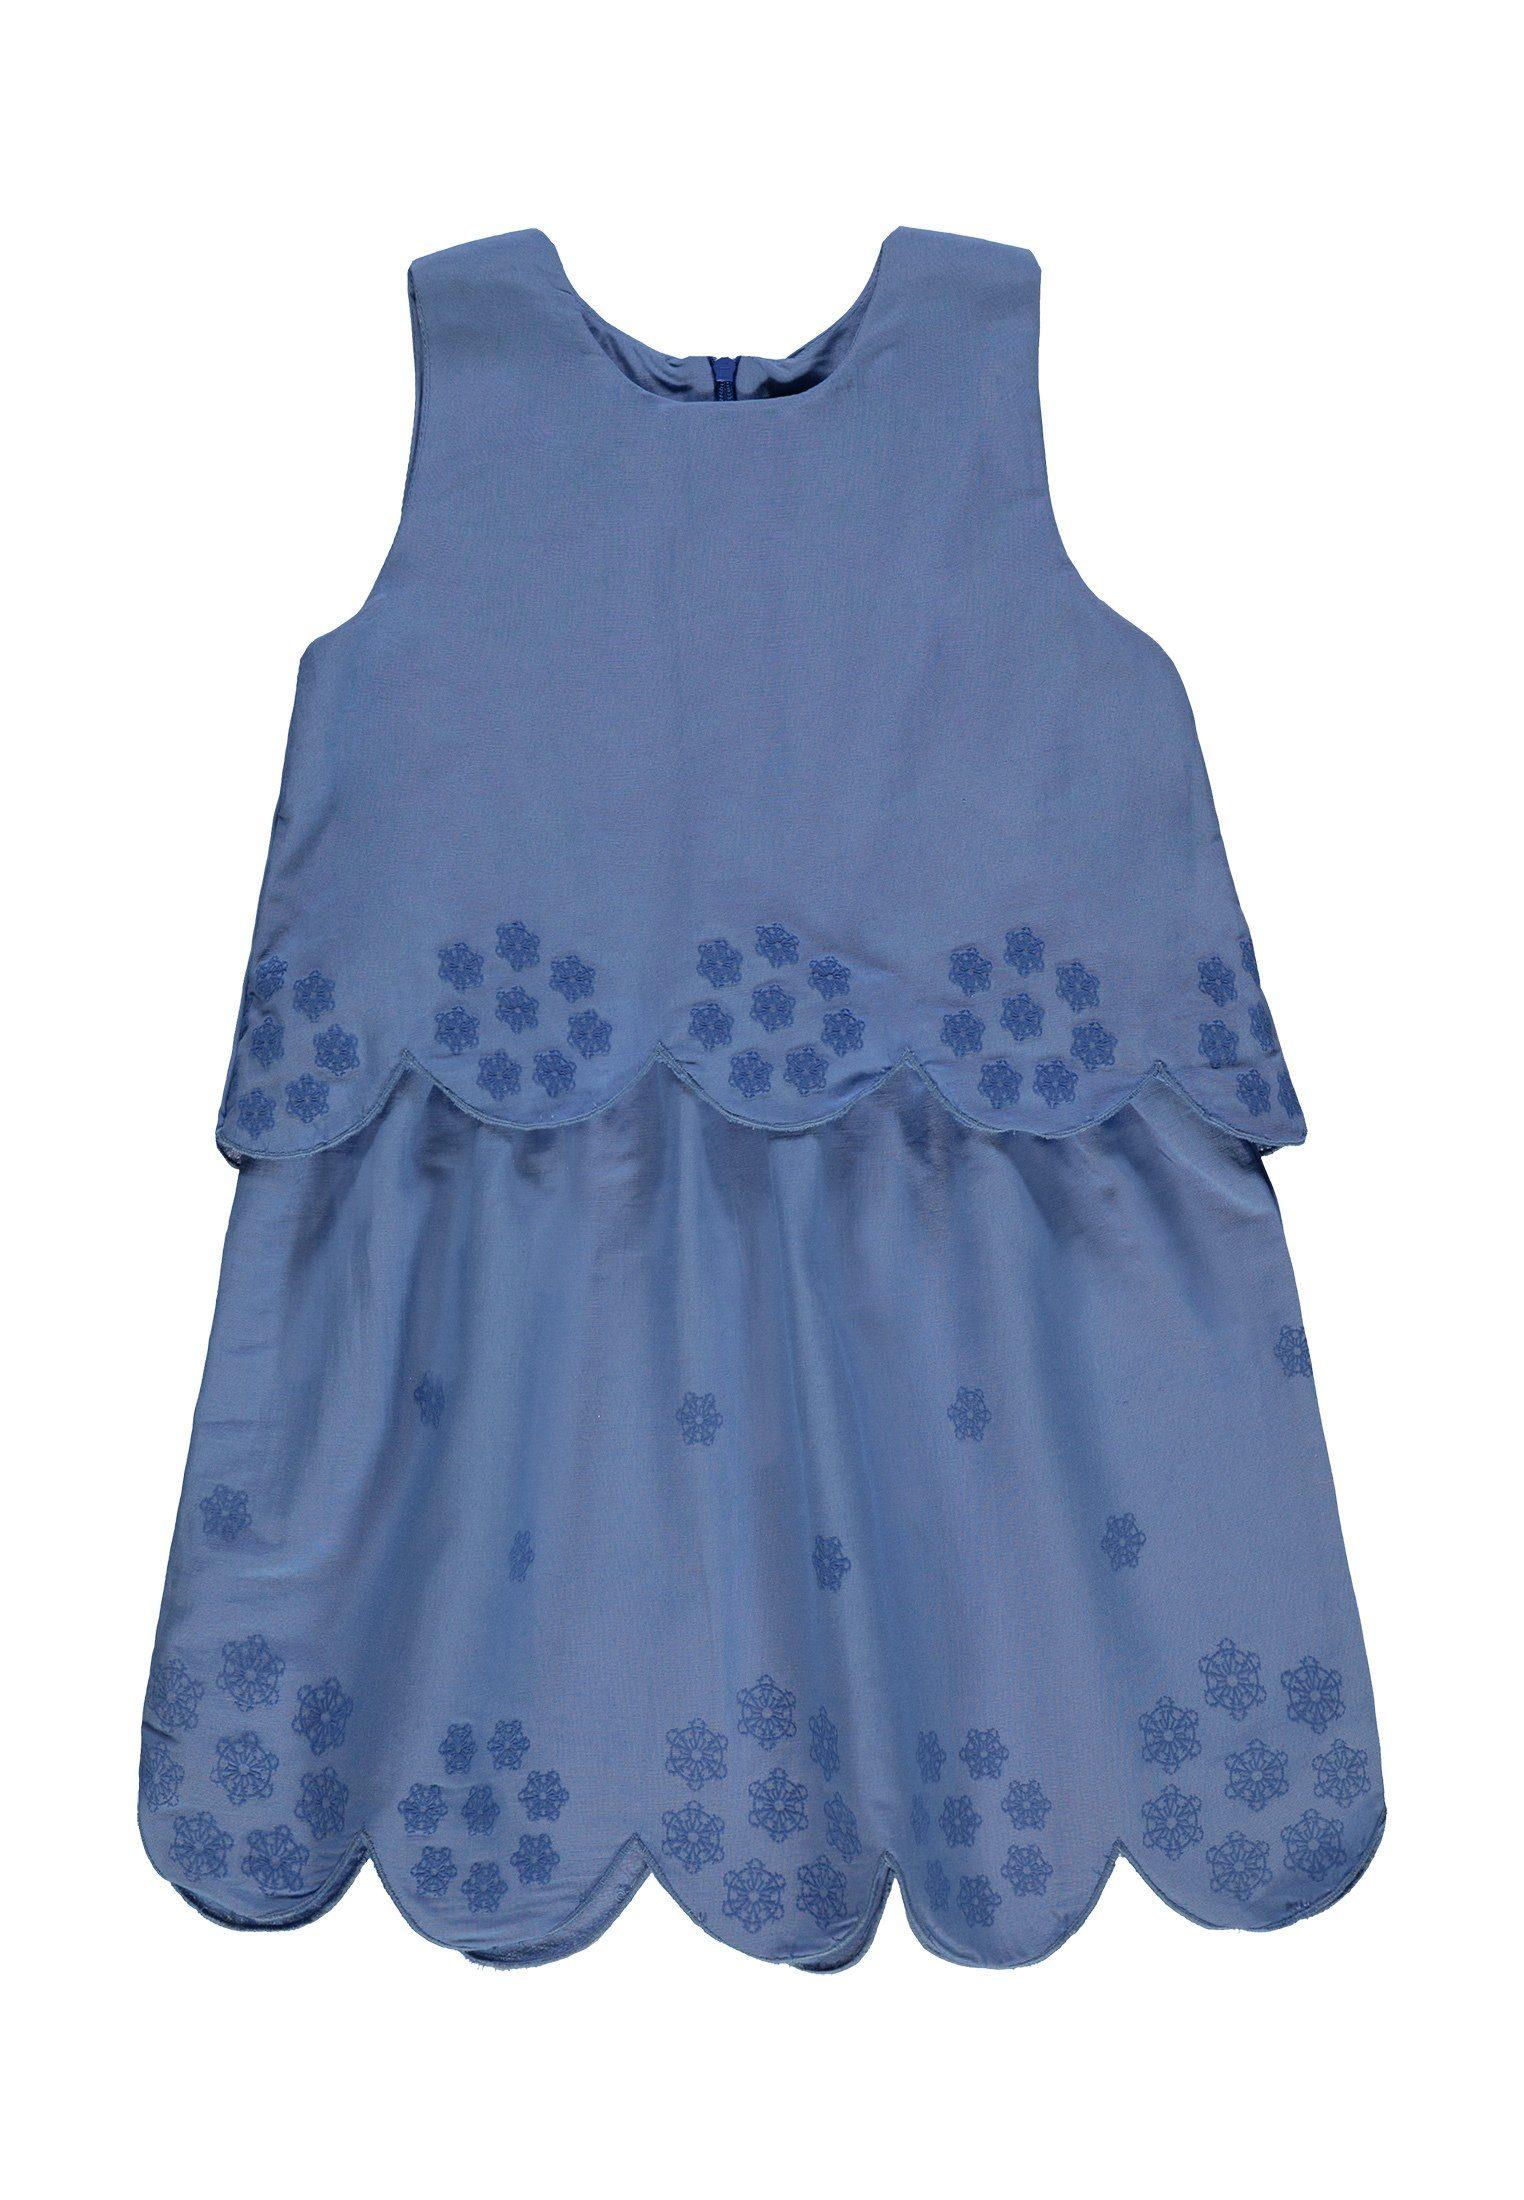 Marc O'Polo Junior Kleid ohne Arm blau Mädchen Sommerkleider Kleider Mädchenkleidung